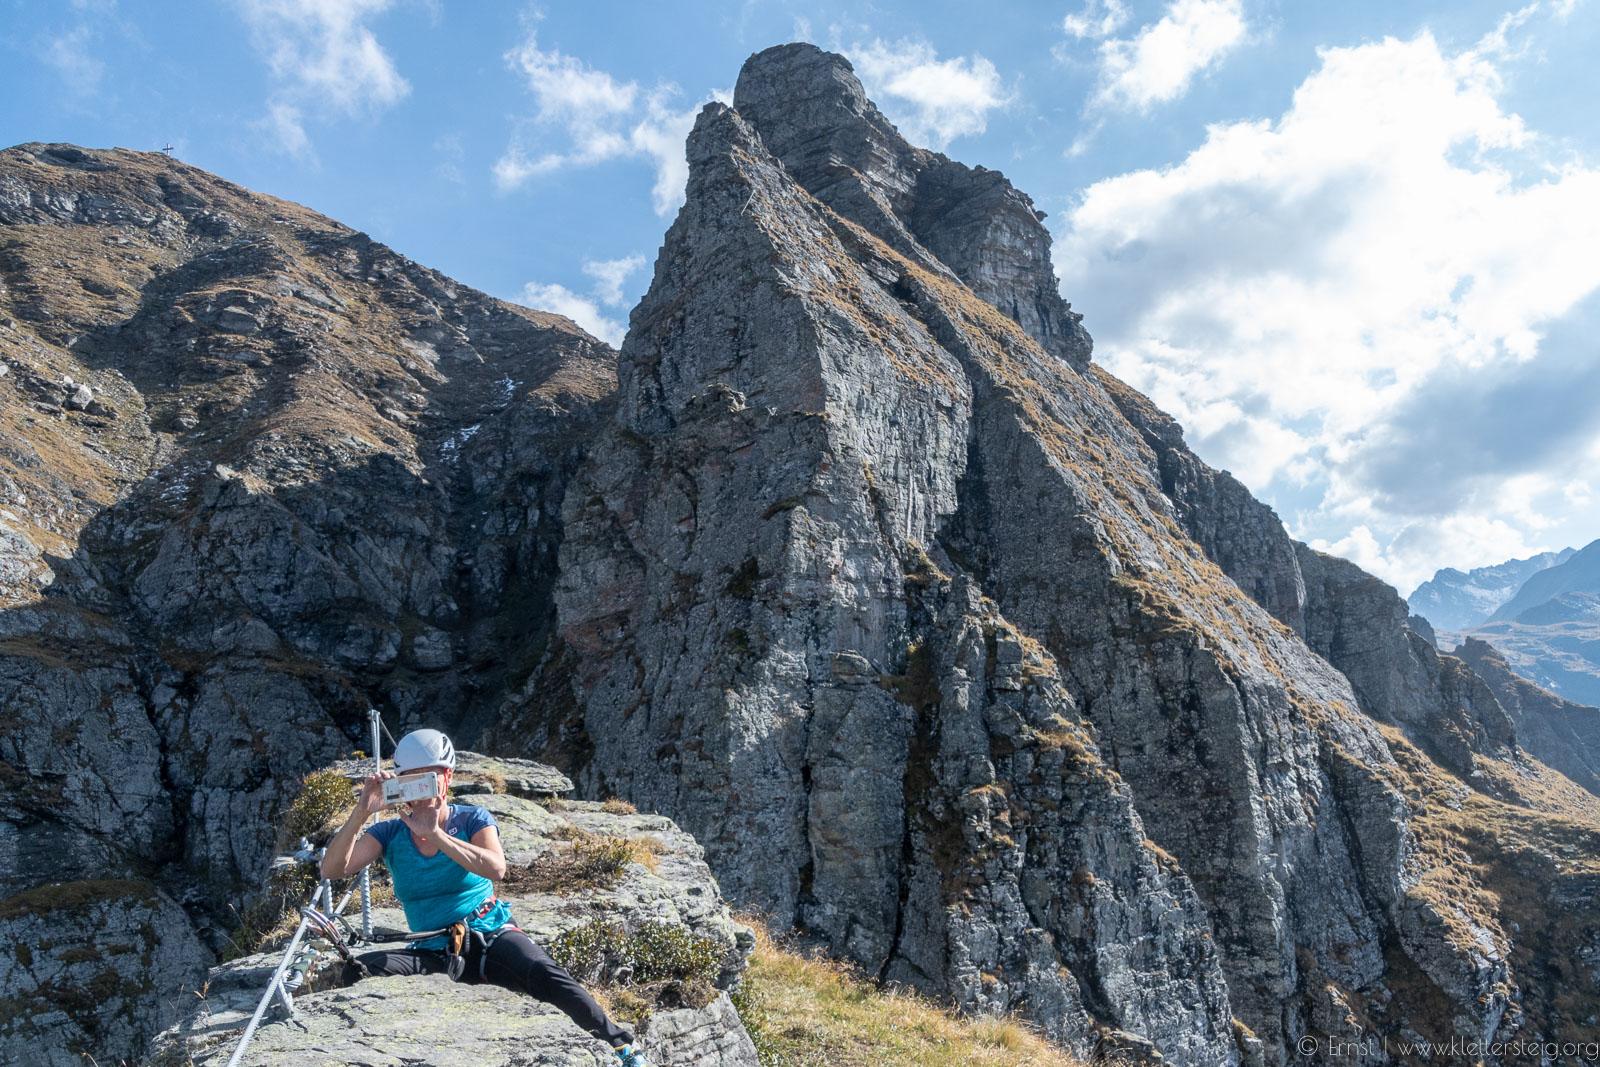 Klettersteig Madrisella : Madrisella und burg klettersteige montafon alpine anlagen für